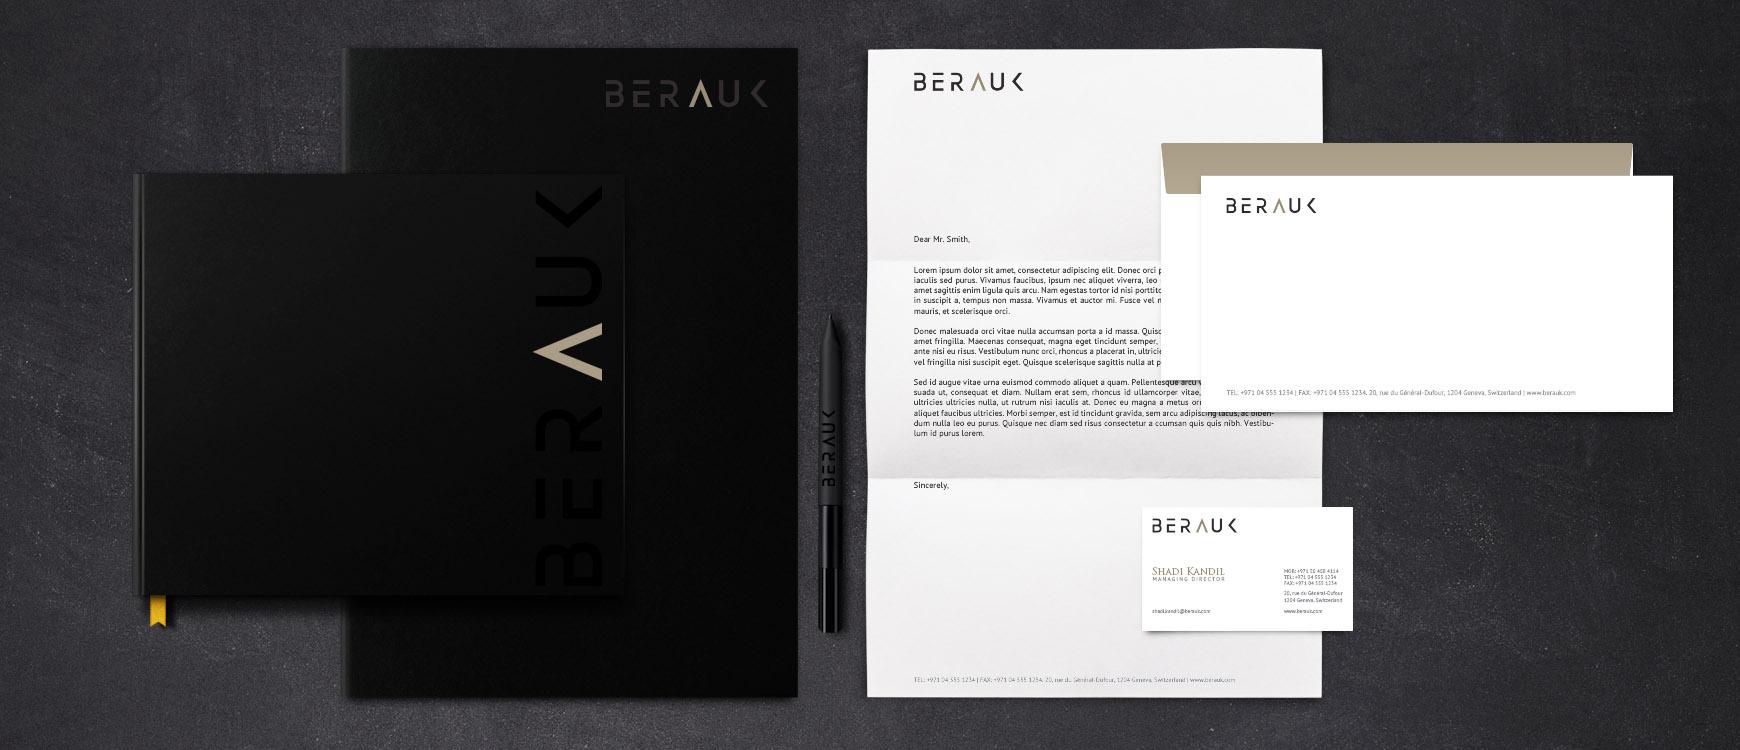 Berauk-04